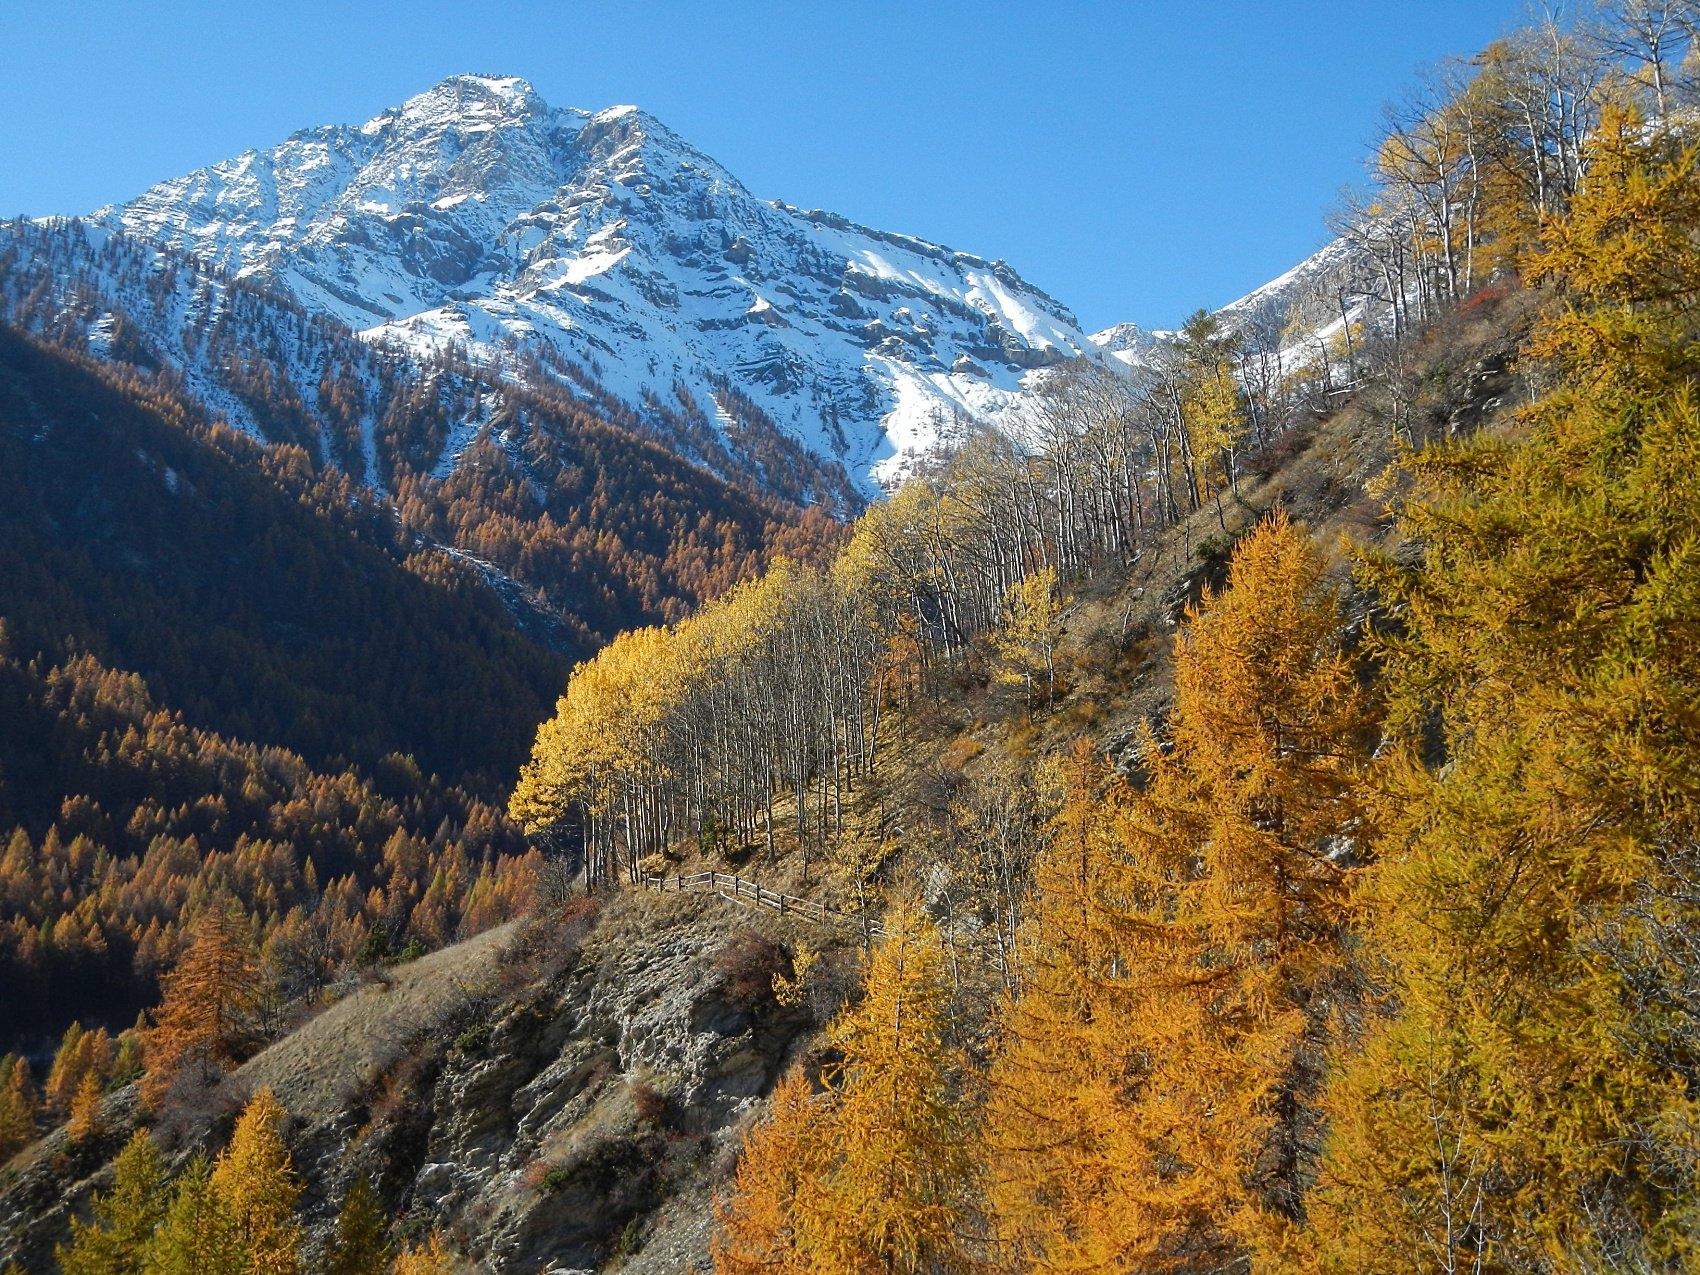 la staccionata di protezione nel tratto esposto e Monte Chaberton